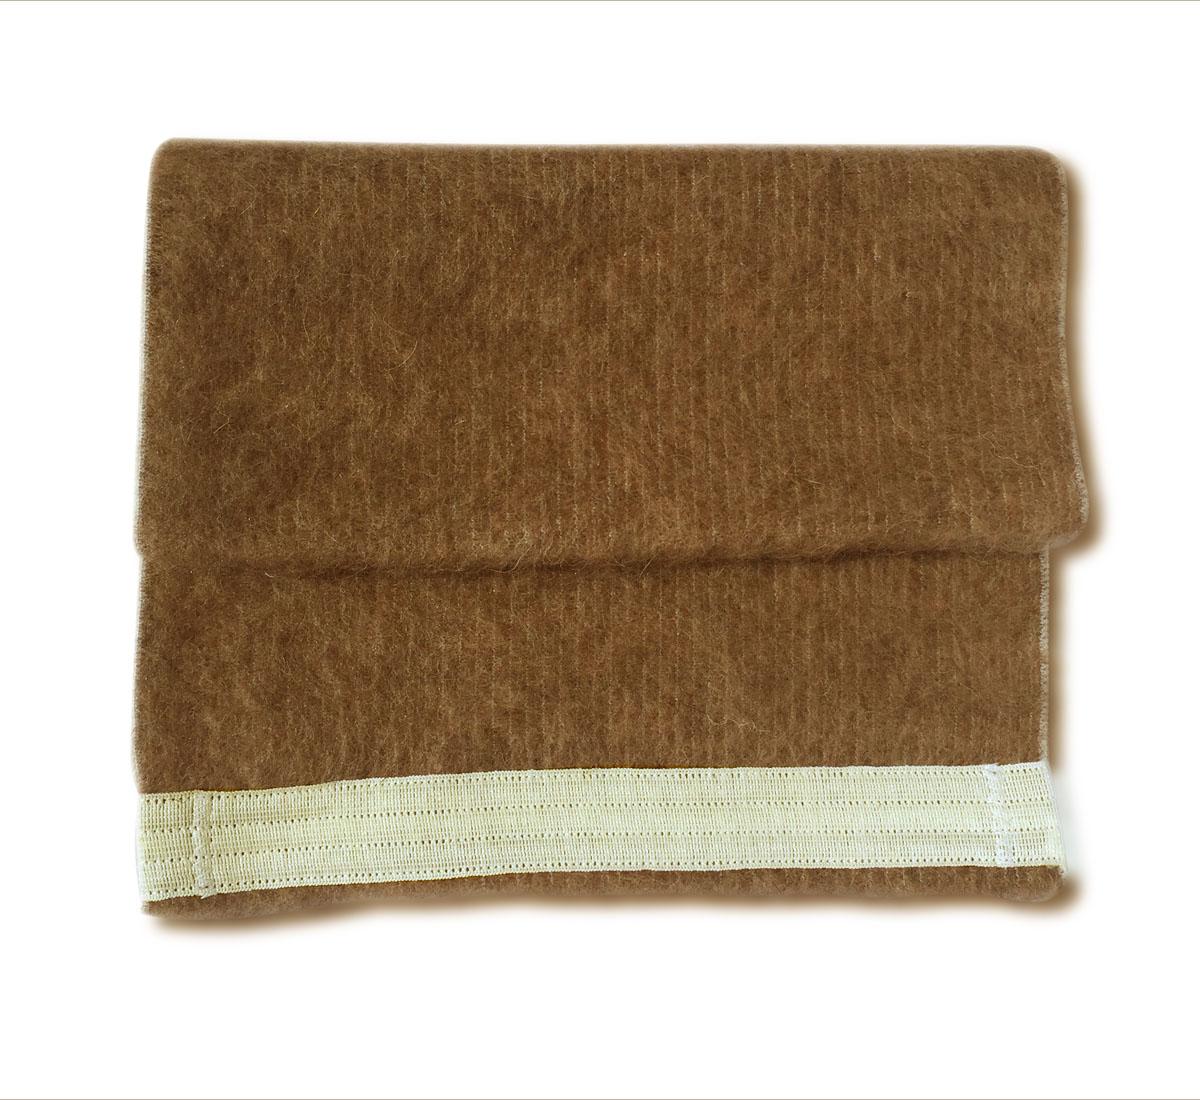 Пояс-бандаж согревающий, верблюжья шерсть, размер 5 (талия 88-98) (ИМН)